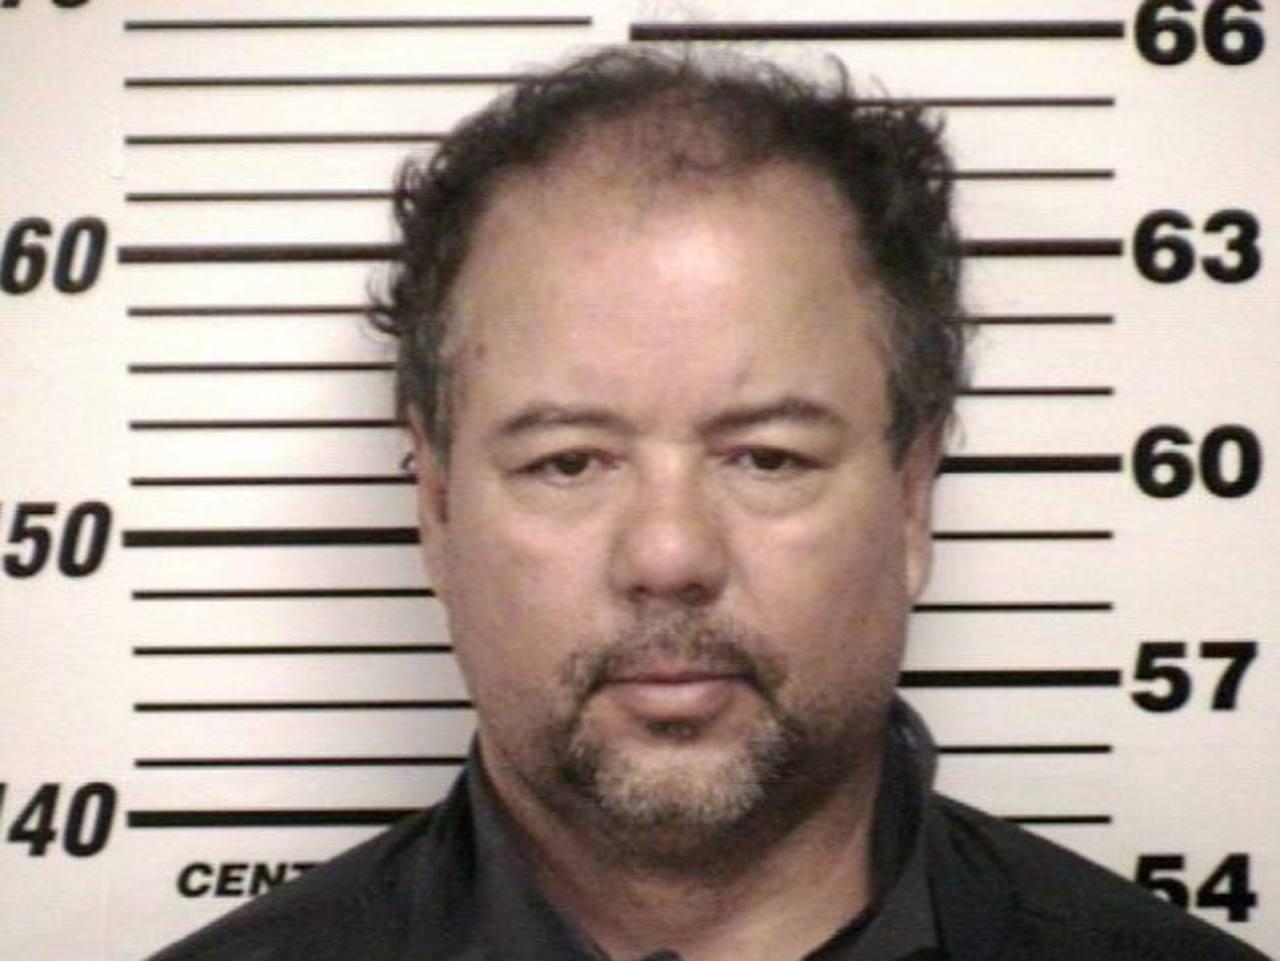 Ariel Castro está acusado de violación y secuestro y se le fijó una fianza de $8 millones.